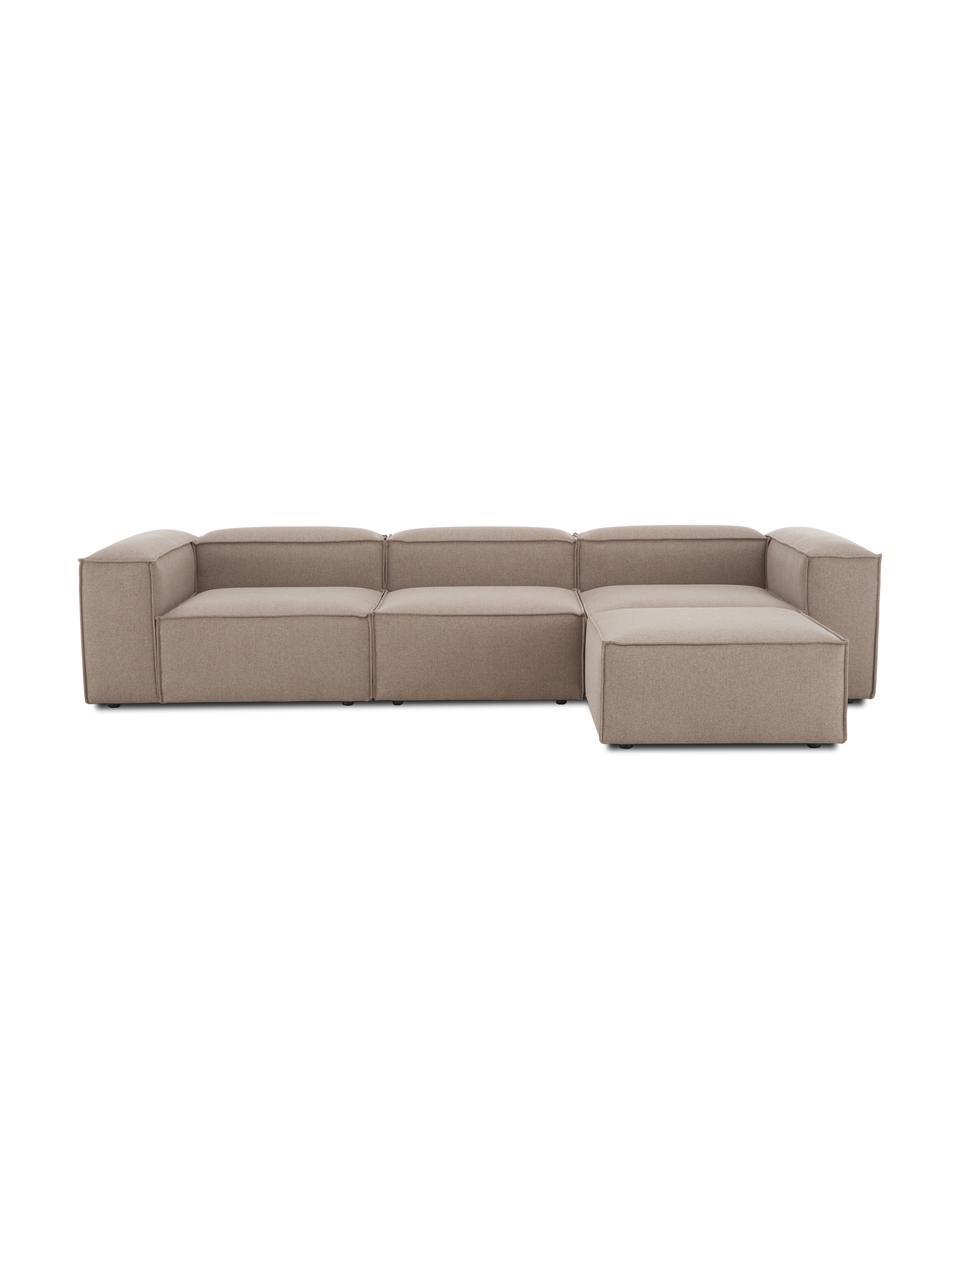 Canapé modulable 4 places tissu brun avec pouf Lennon, Tissu brun